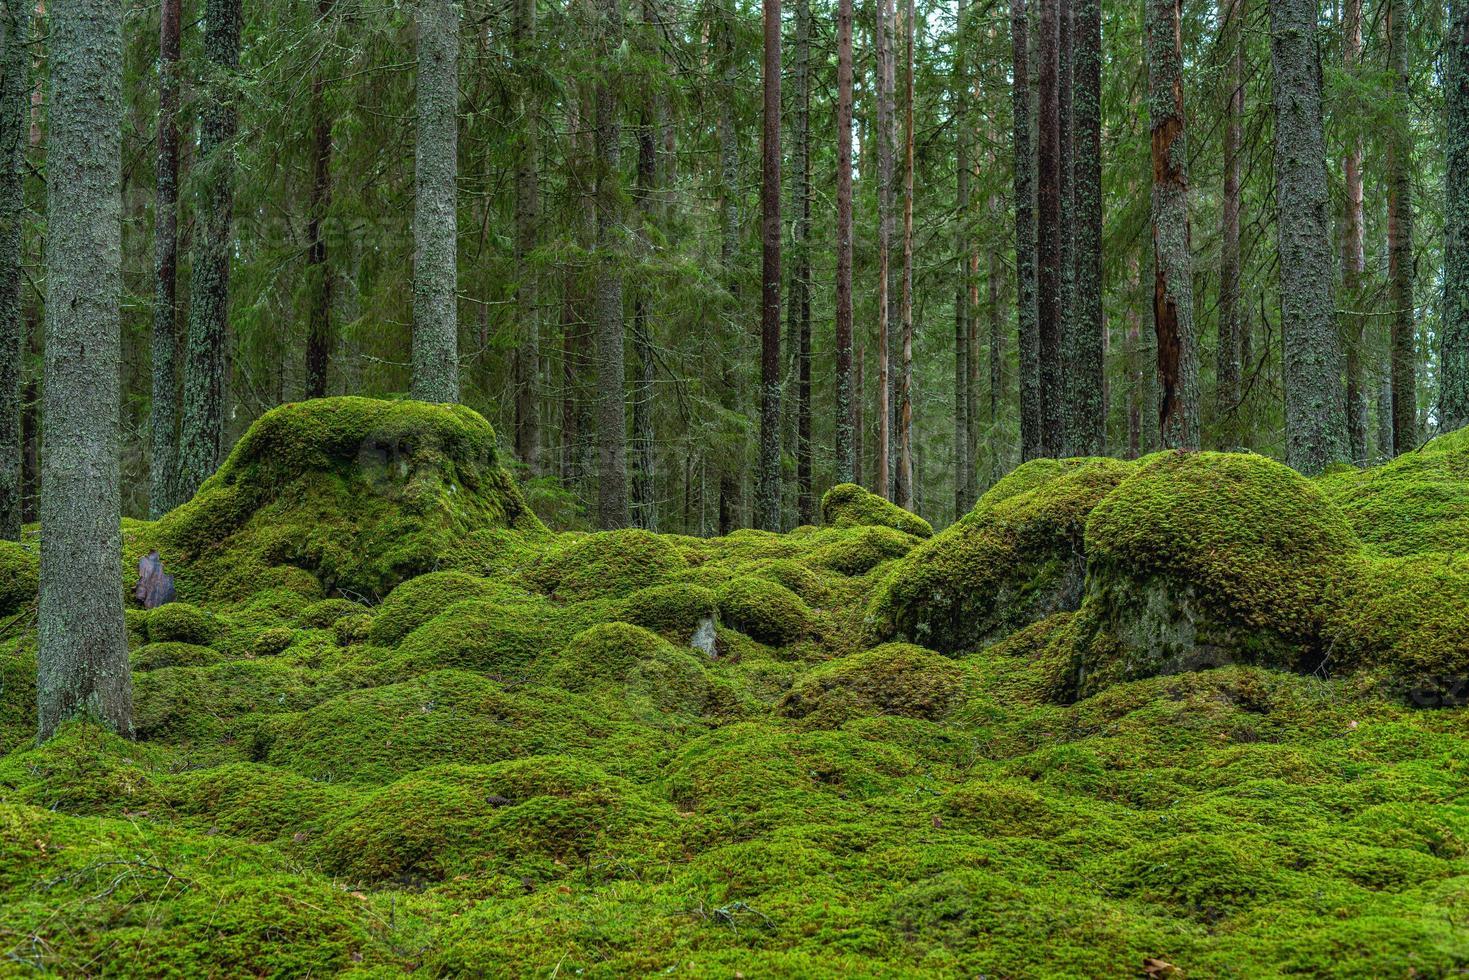 bella foresta di abeti con muschio verde foto